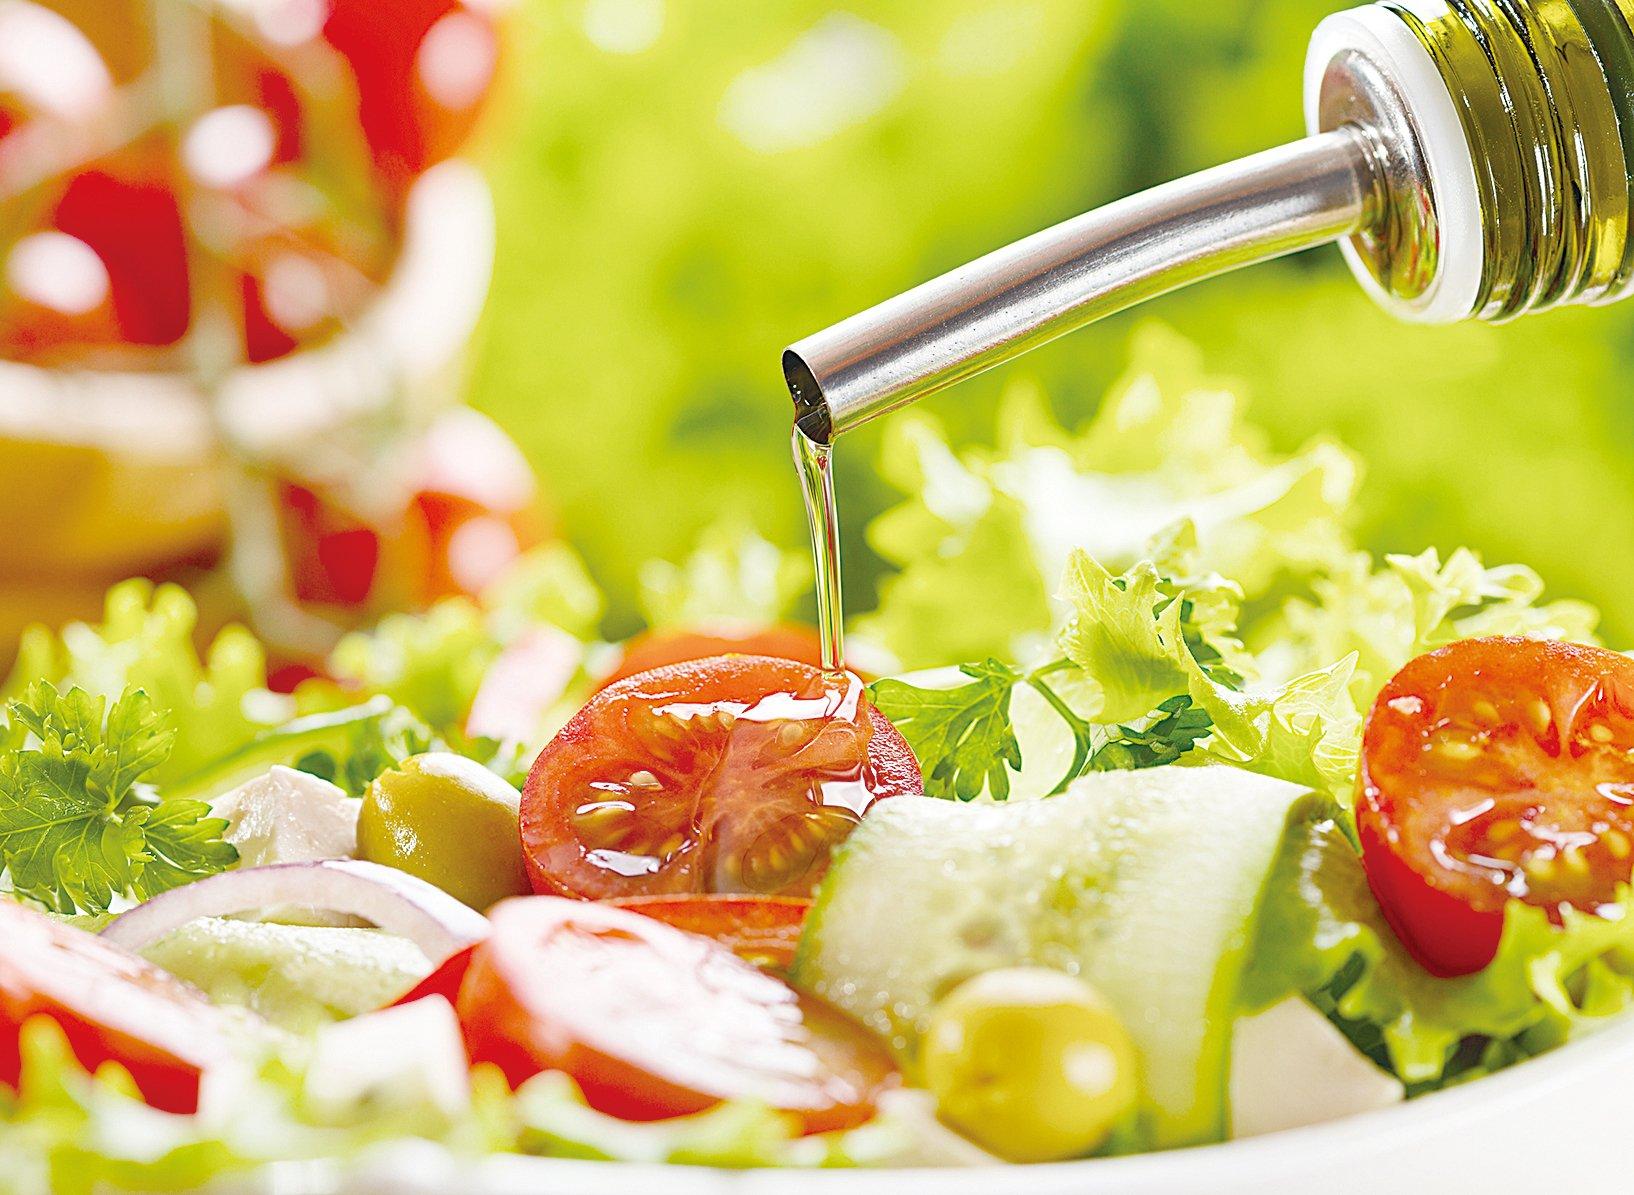 番茄搭配橄欖油可促使紅蘿蔔素在體內吸收率增加2~15倍。